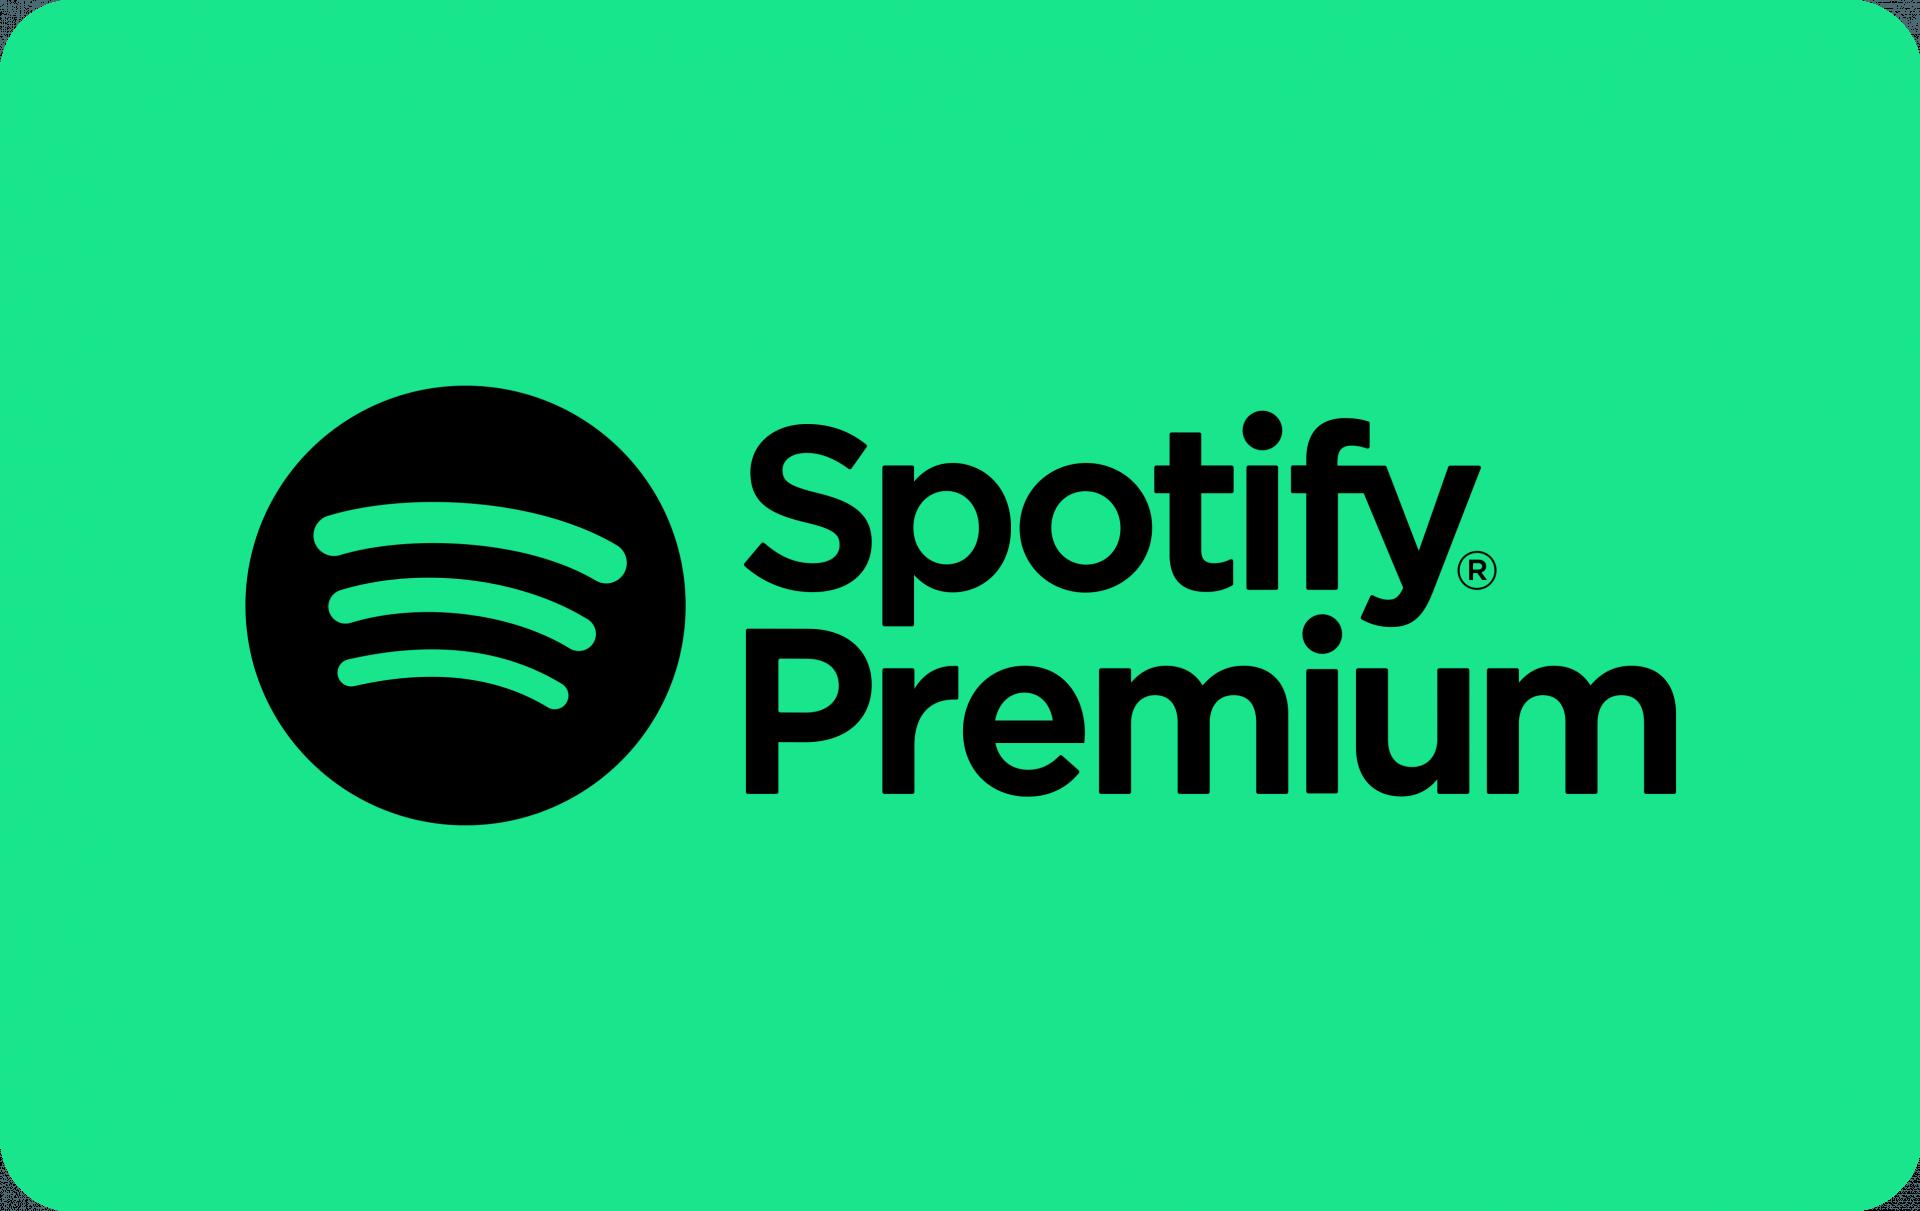 Spotify premium descuento chollo barato un año